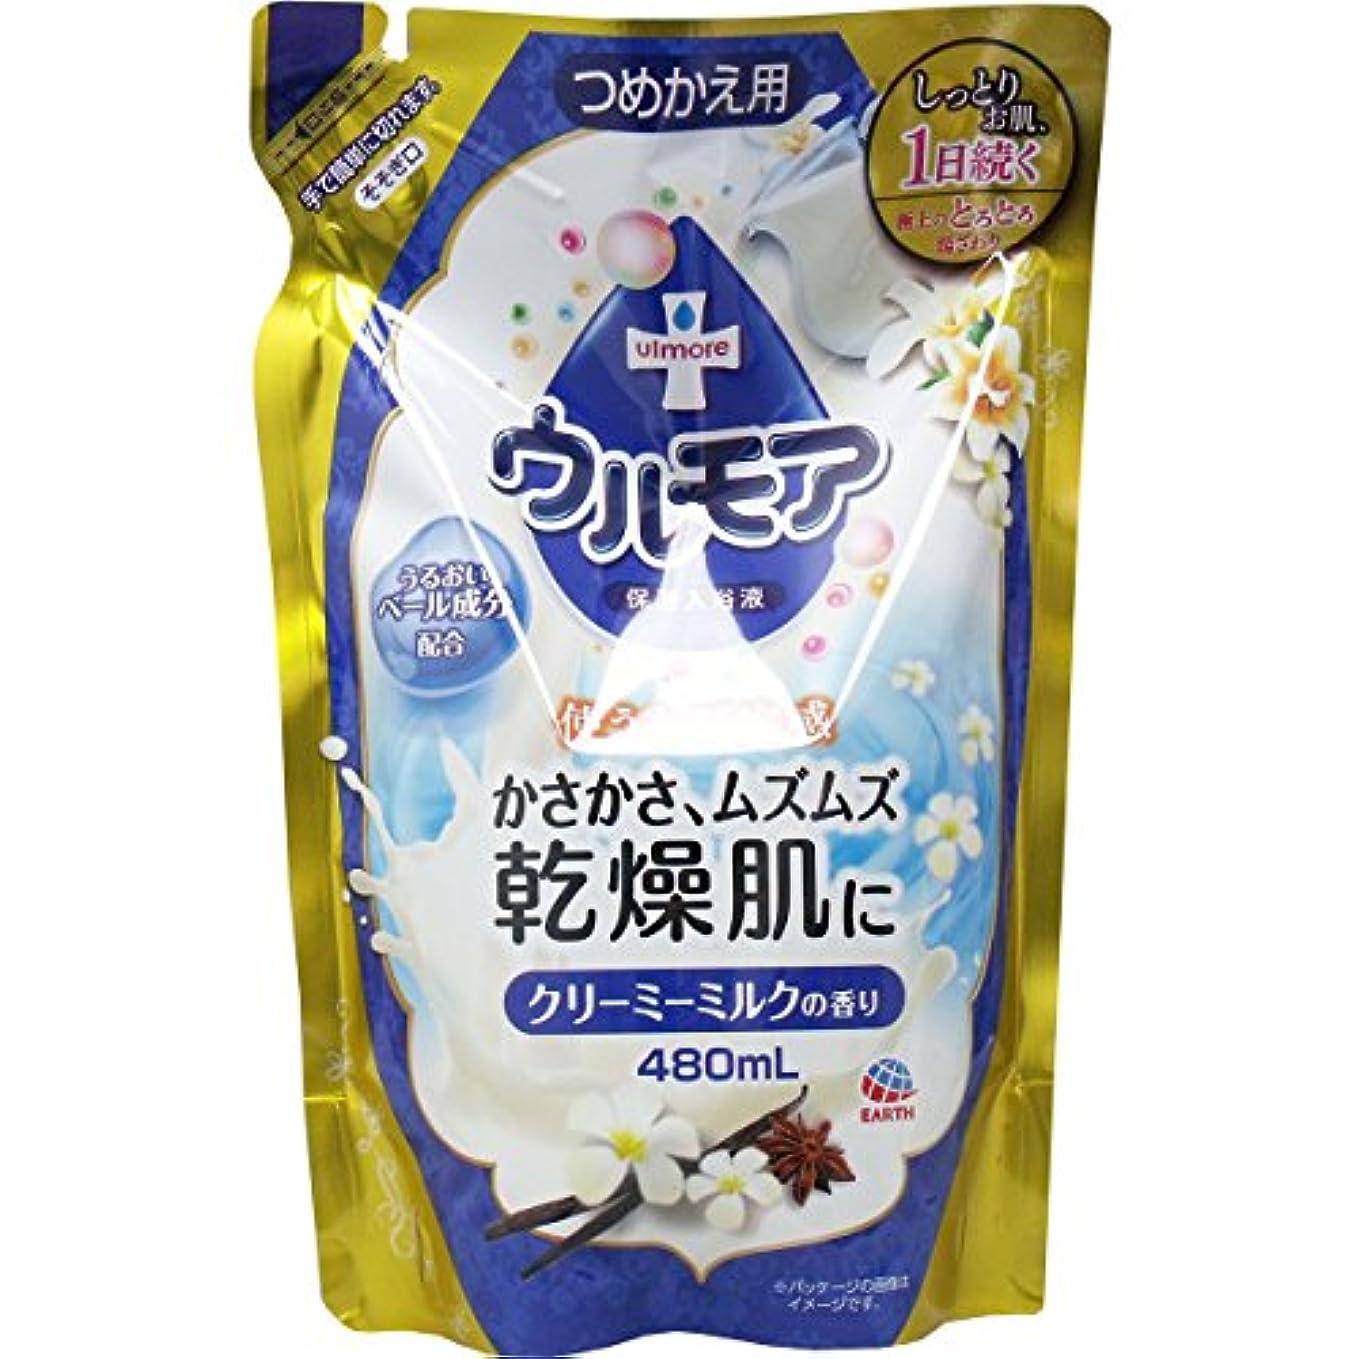 シリアル再び太字保湿入浴液ウルモアクリーミーミルク 替え × 10個セット